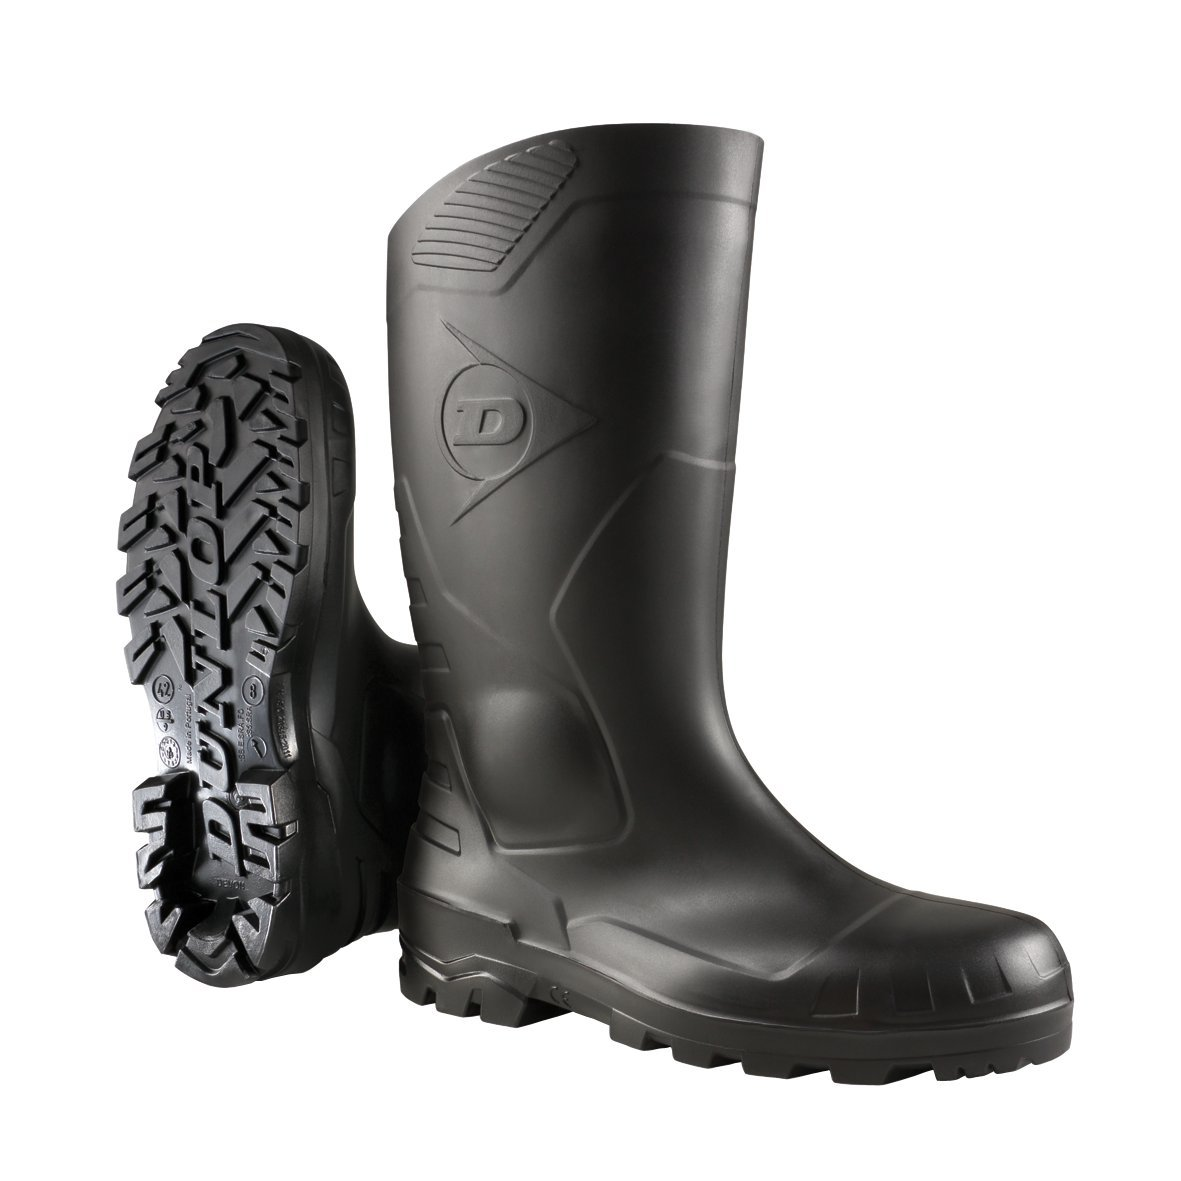 Dunlop Sicherheitsstiefel S5 H142011 mit Stahlkappe und Stahlsohle 47, Unisex-Erwachsene Langschaft Gummistiefel 142000